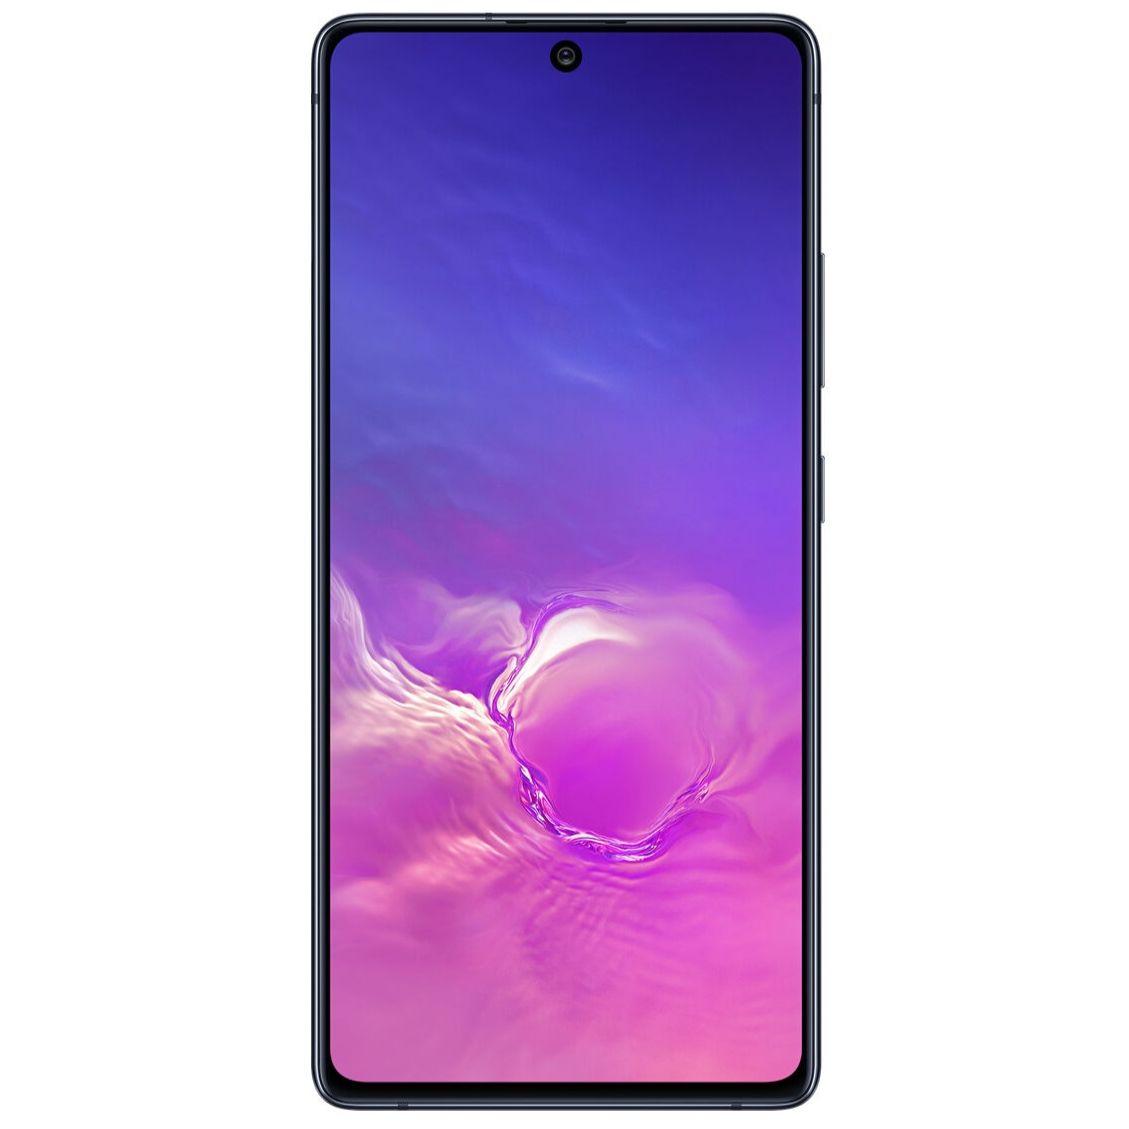 """Samsung Galaxy S10 Lite 128/6GB (Snapdragon 855, 6.7"""" Super Amoled, 4500mAh Akku, 48MP Kamera, UFS3.0 Speicher, 186 Gramm)"""